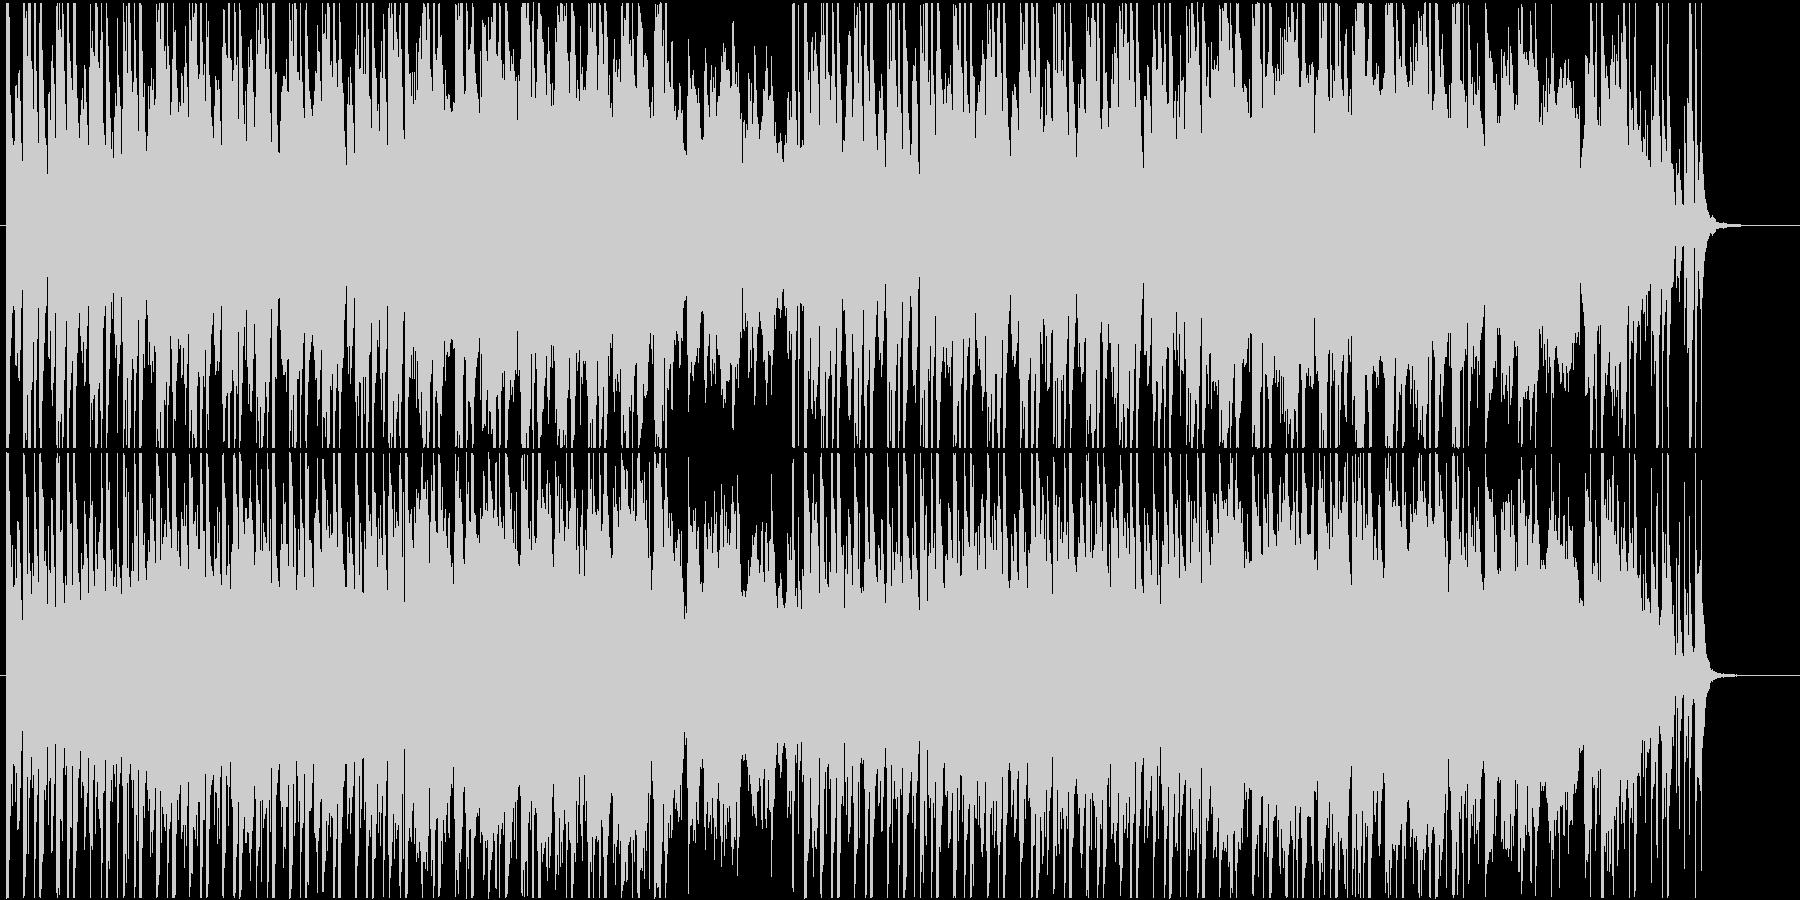 ノスタルジーな民族音楽です。の未再生の波形